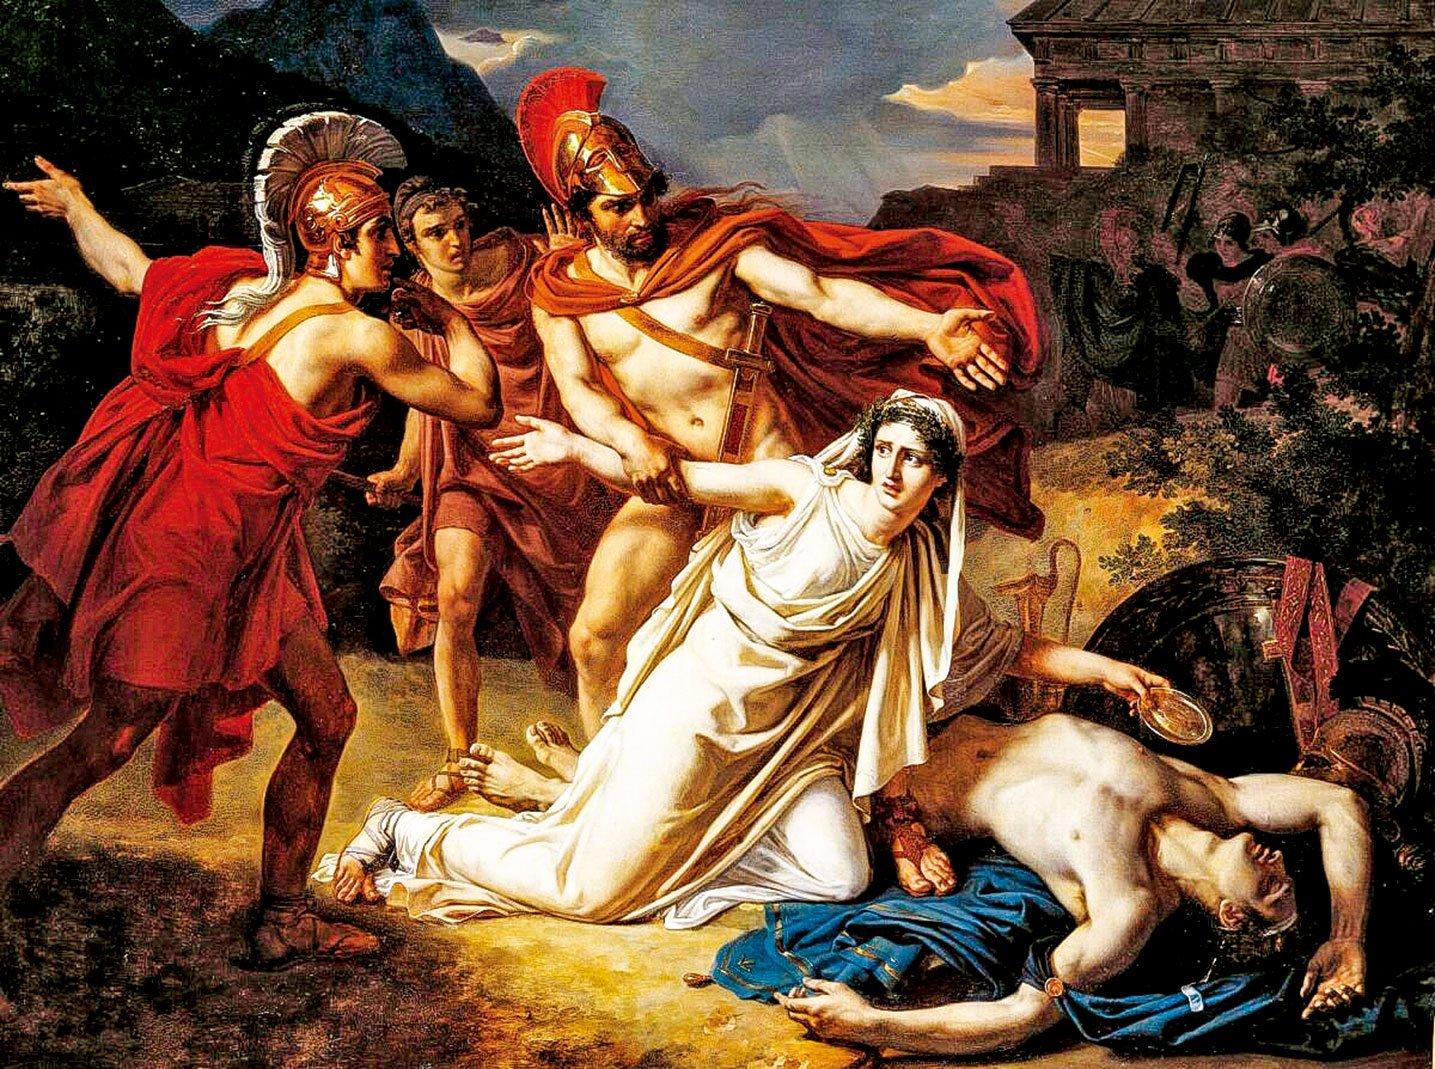 塞巴斯蒂安諾布林(Sébastien Norblin)的作品《安提戈涅埋葬波呂涅克斯》(Antigone Buries Polynice),1825年。法國美術學院,巴黎。(公有領域─美國)